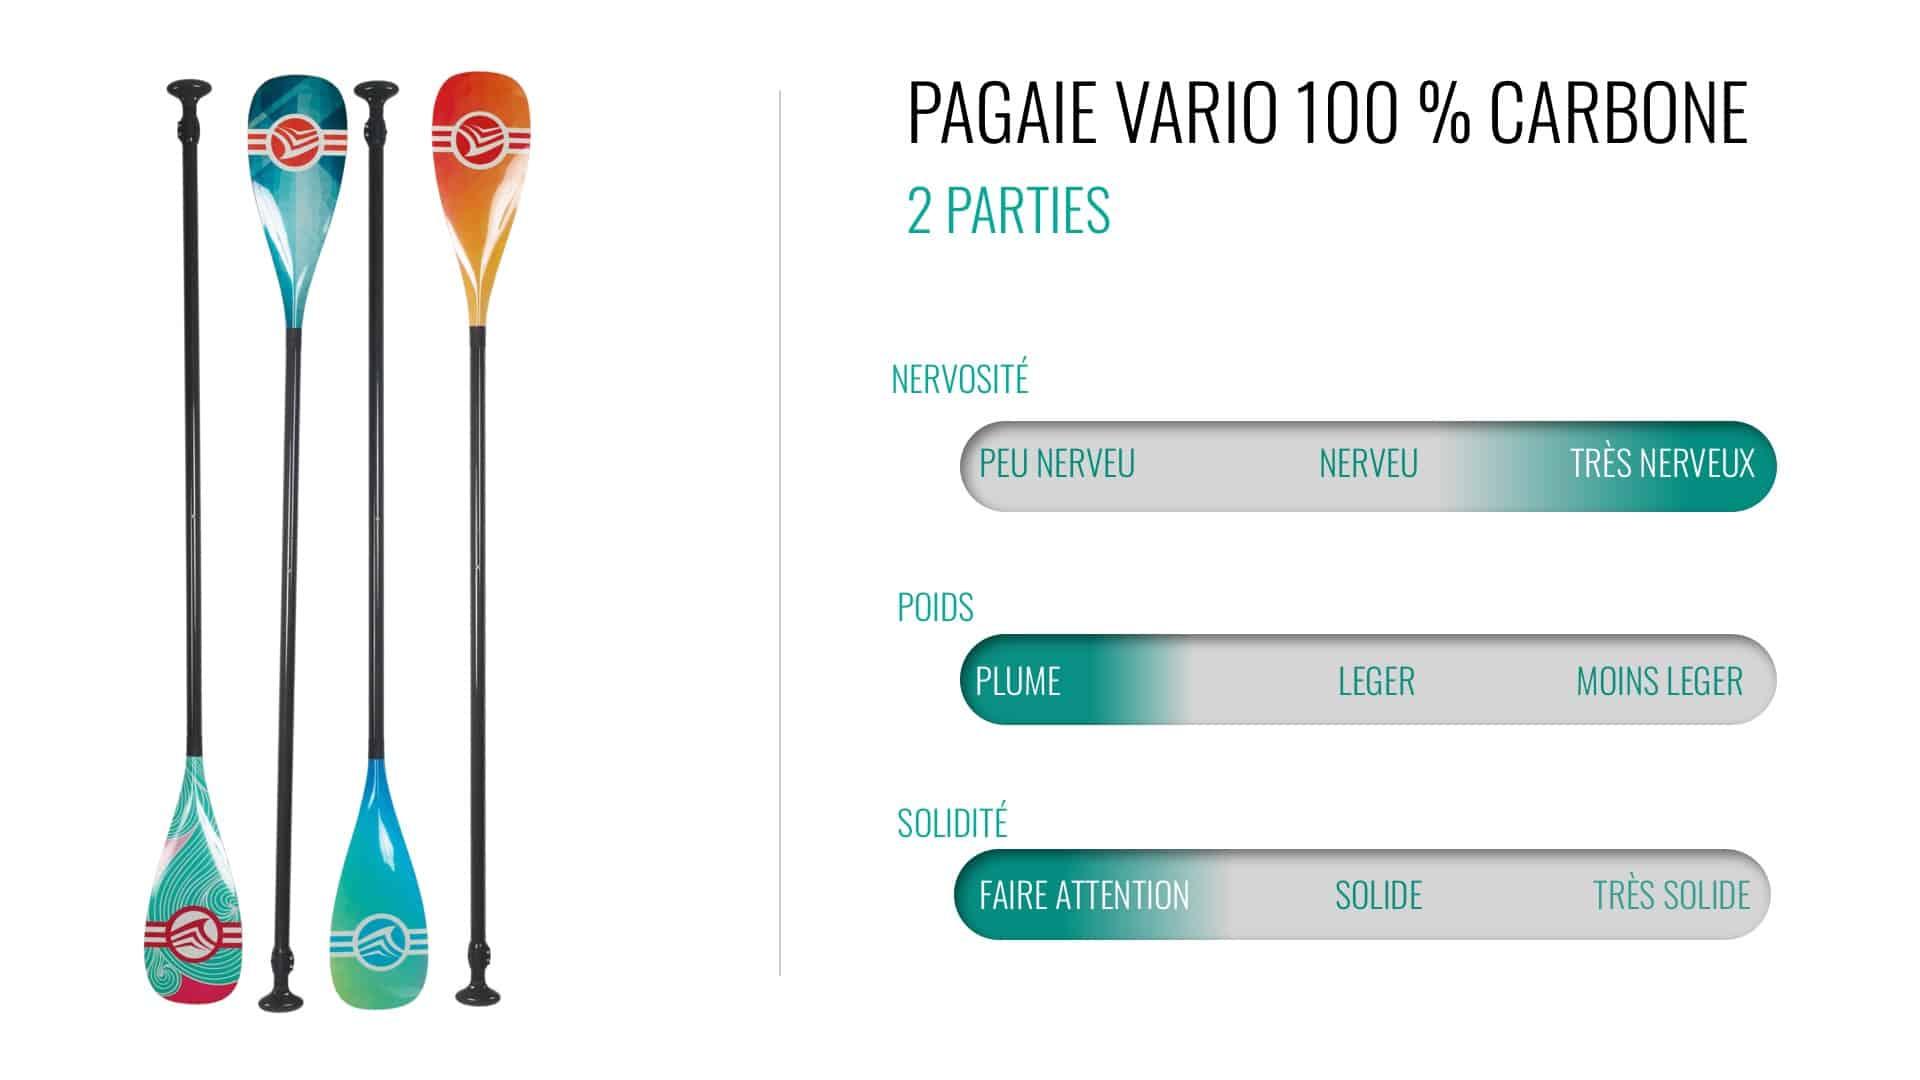 Pagaie Vario 100% carbone, 2 parties